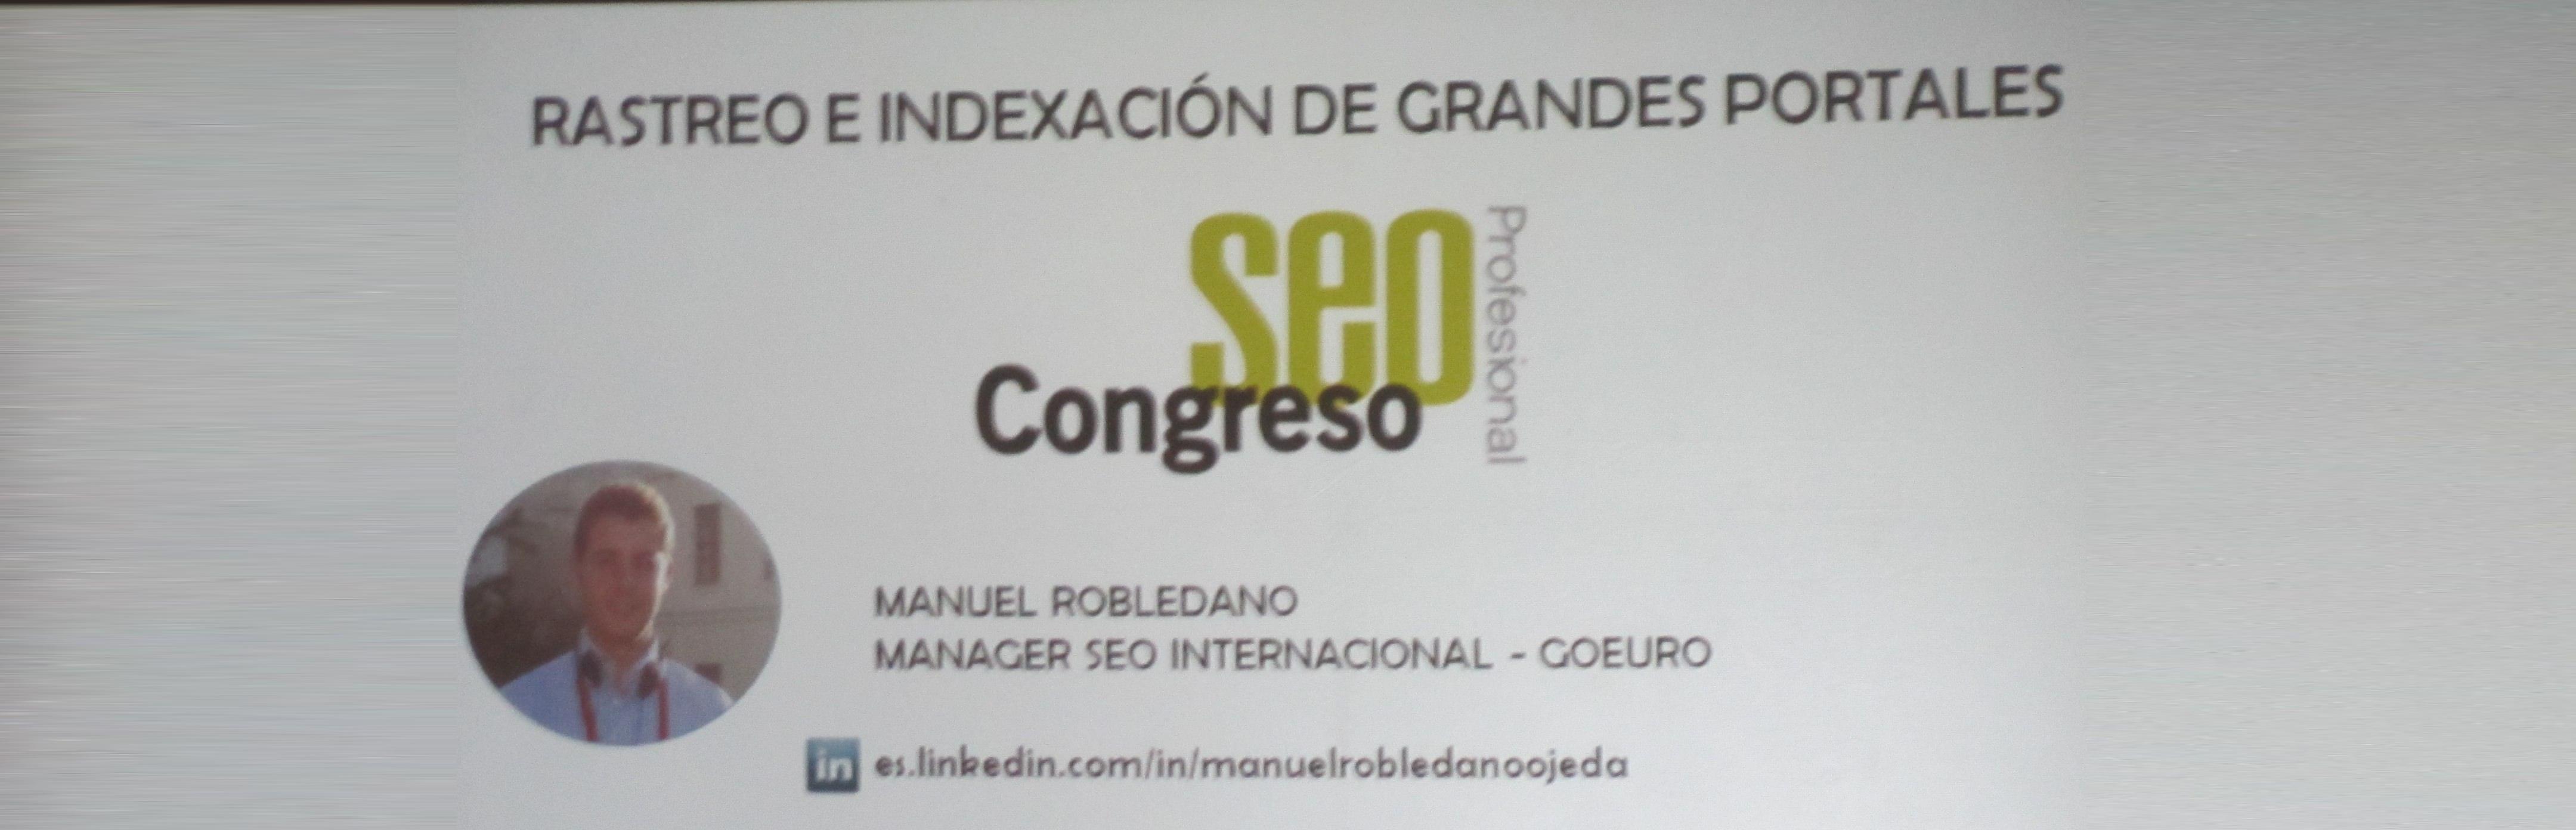 Rastreo e indexación de grandes portales. Manuel Robledano